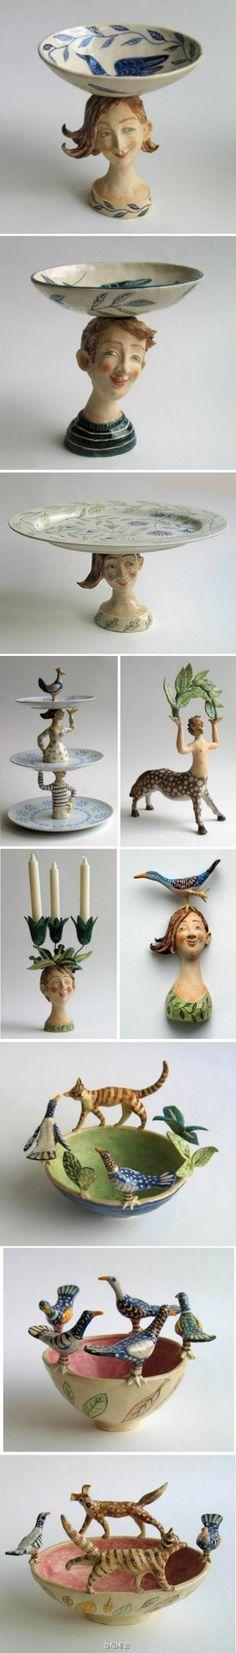 英国艺术家Helen Kemp的陶瓷作品